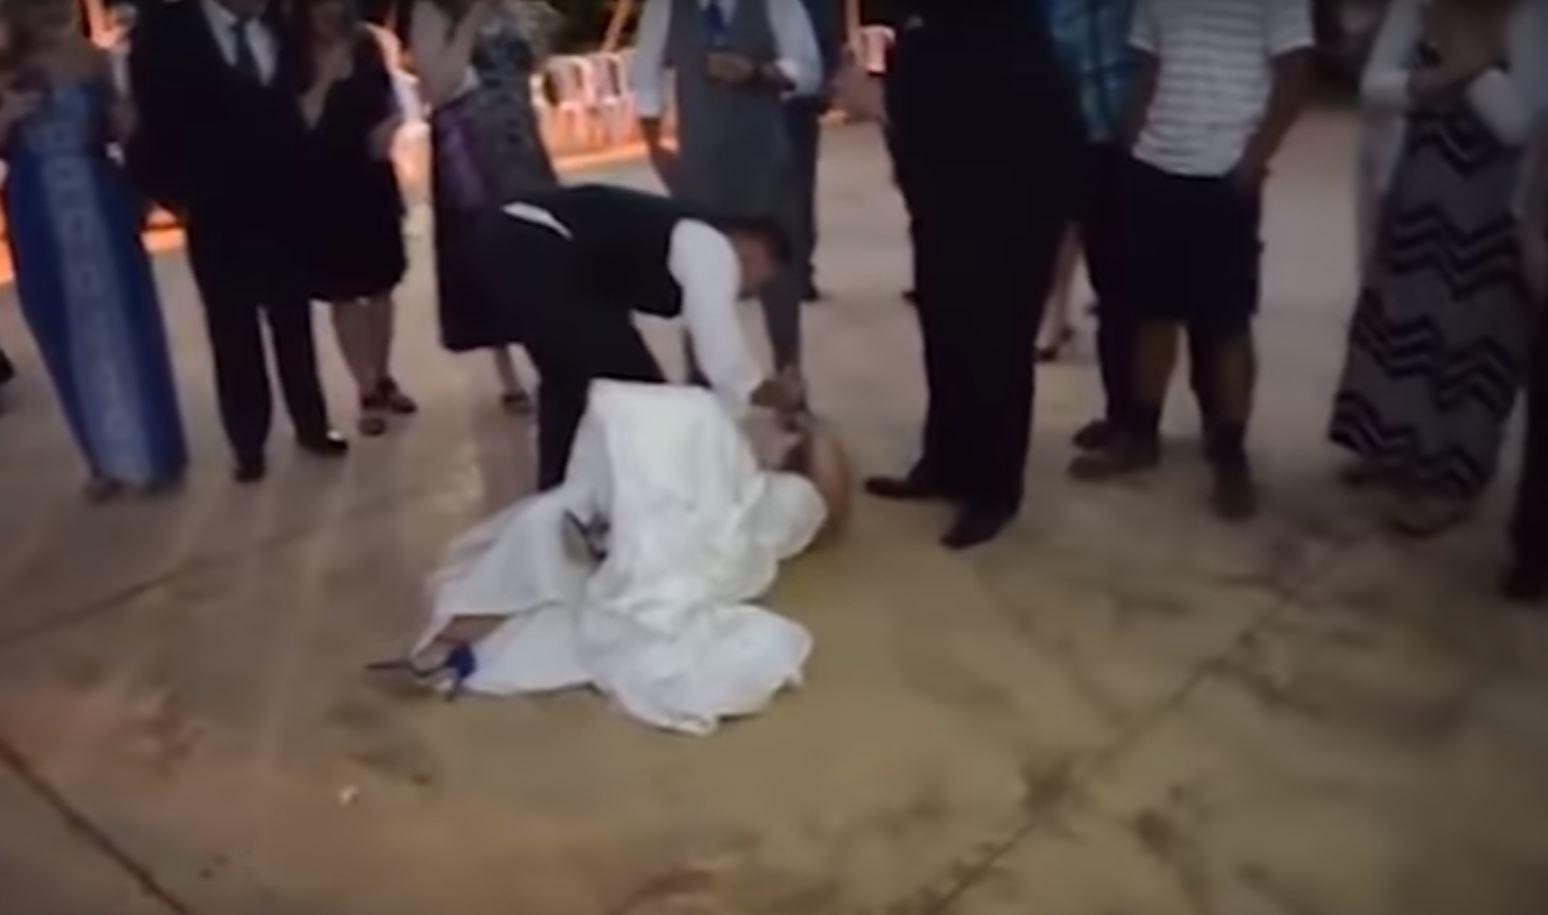 Dhëndri përplas nusen të tokë ditën e dasmës